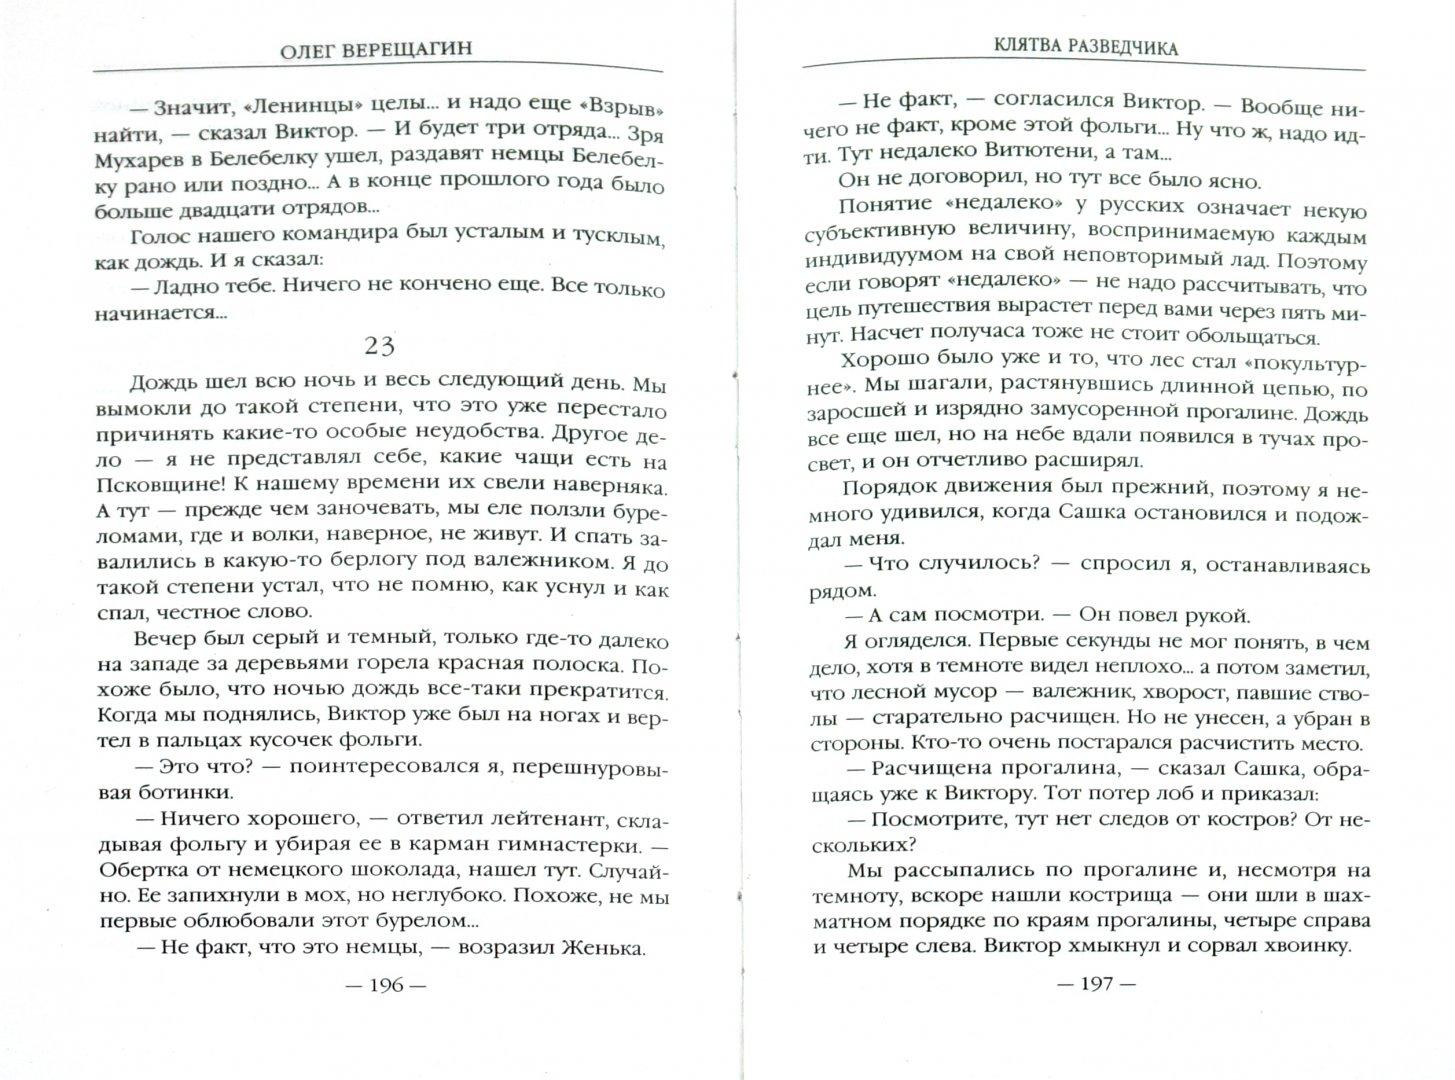 Иллюстрация 1 из 12 для Клятва разведчика - Олег Верещагин | Лабиринт - книги. Источник: Лабиринт